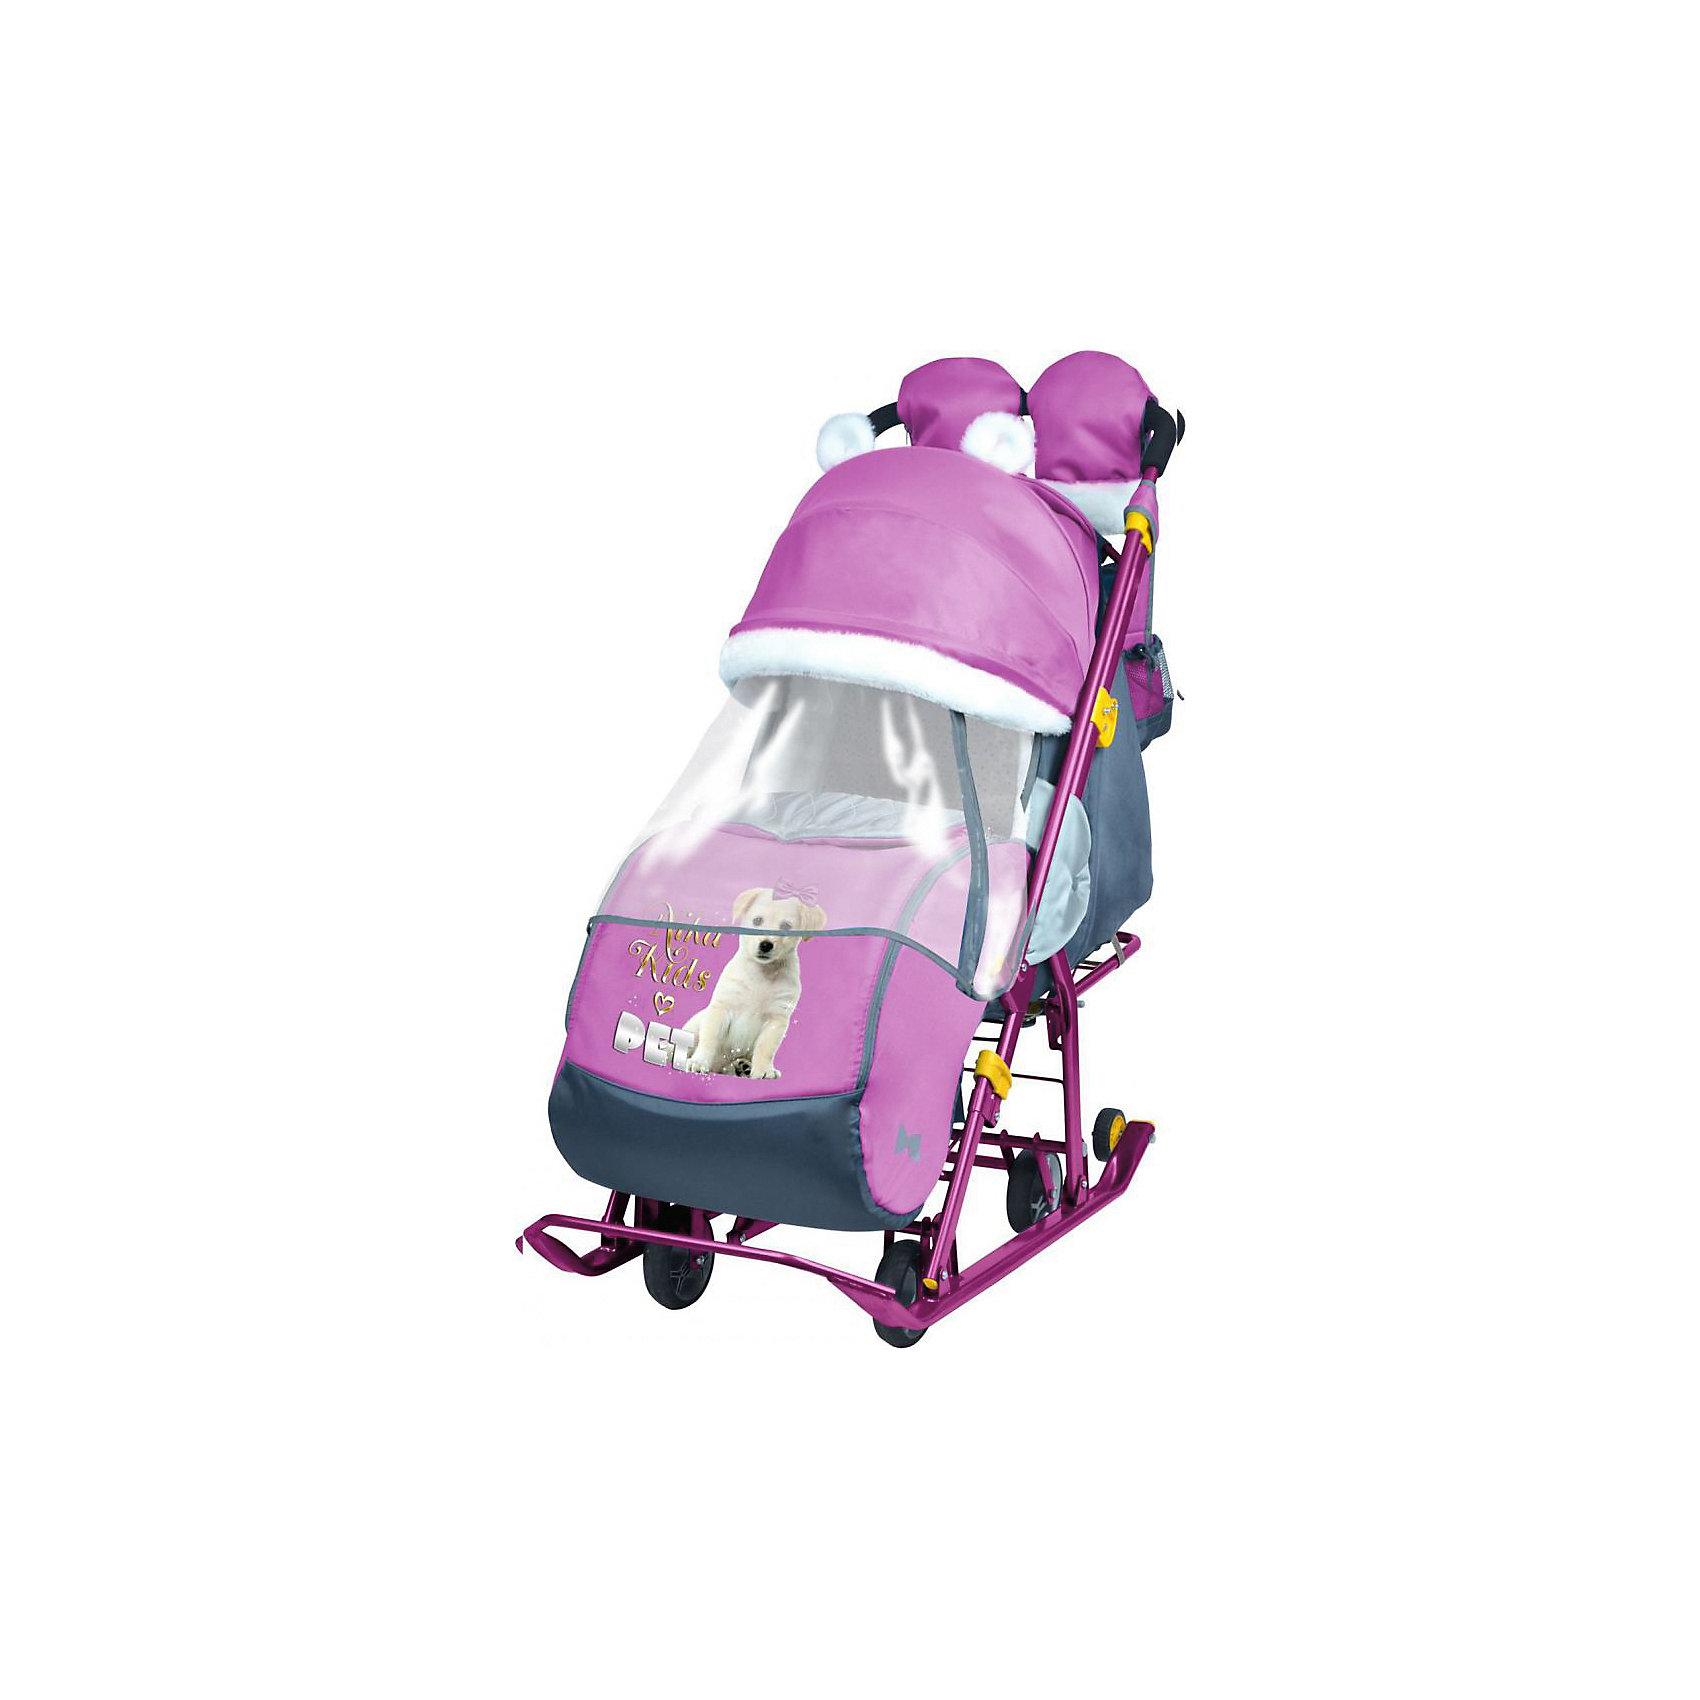 Санки-коляска Ника детям  7-2 (2017), Dog, орхидеяС колесиками<br>Санки-коляска Ника детям  7-2 (2017), Dog, орхидея<br><br>Коляска комбинированная с трансформируемым кузовом позволяет передвигаться по любой дороге. Нажатием ноги на педаль опускаются колеса, и вы можете везти коляску по асфальту или по гладкому полу. Еще одно нажатие — коляска трансформируется в санки и снова скользить по снегу! Крыша, чехол для ножек и ушки на крыше отделаны мехом, на ручку коляски надеваются меховые рукавички для мамы. Яркие детские рисунки на чехле для ног с двумя молниями.<br><br>• механизм смены полозьев на колеса<br>• плоские полозья 40 мм с большими обрезиненными колесами<br>• пятиточечный ремень безопасности<br>• складной высокий трехсекционный козырек с декоративными ушками<br>• спинка регулируется до положения лежа<br>• подножка с регулируемым наклоном ног, позволяющая ребенку в положении лежа комфортно вытягивать ножки<br>• перекидная ручка<br>• чехол для ног с 2-мя молниями для удобного открывания с двух сторон<br>• широкое посадочное место 385 мм<br>• ширина полозьев 445 мм<br>• ширина колесной базы 280 мм<br>• высота санок на полозьях 1000 мм<br>• высота санок на колесах 1060 мм<br>• смотровое окошко для наблюдения за ребенком<br>• светоотражающий кант<br>• удобная, вместительная сумка с кармашками для полезных мелочей<br>• меховые рукавички для мамы<br>• размер в сложенном положении 1105х445х280 мм<br>• вес изделия 10,3 кг<br><br><br>В моделях 2017 года:<br>• новый дизайн сумки с кармашками для полезных мелочей<br>• съемный прозрачный тент от ветра и дождя с двумя молниями, крепится к чехлу коляски на пуговицу для исключения продувания<br>• возможность крепления тента на козырьке коляски с помощью пуговицы для удобства доступа к ребенку<br>• цветной каркас изделия<br>• цветной пластик<br><br>Санки-коляска Ника детям  7-2 (2017), Dog, орхидея, можно купить в нашем интернет-магазине.<br><br>Ширина мм: 1150<br>Глубина мм: 470<br>Высота мм: 460<br>Вес г: 11500<br>Цвет: фу